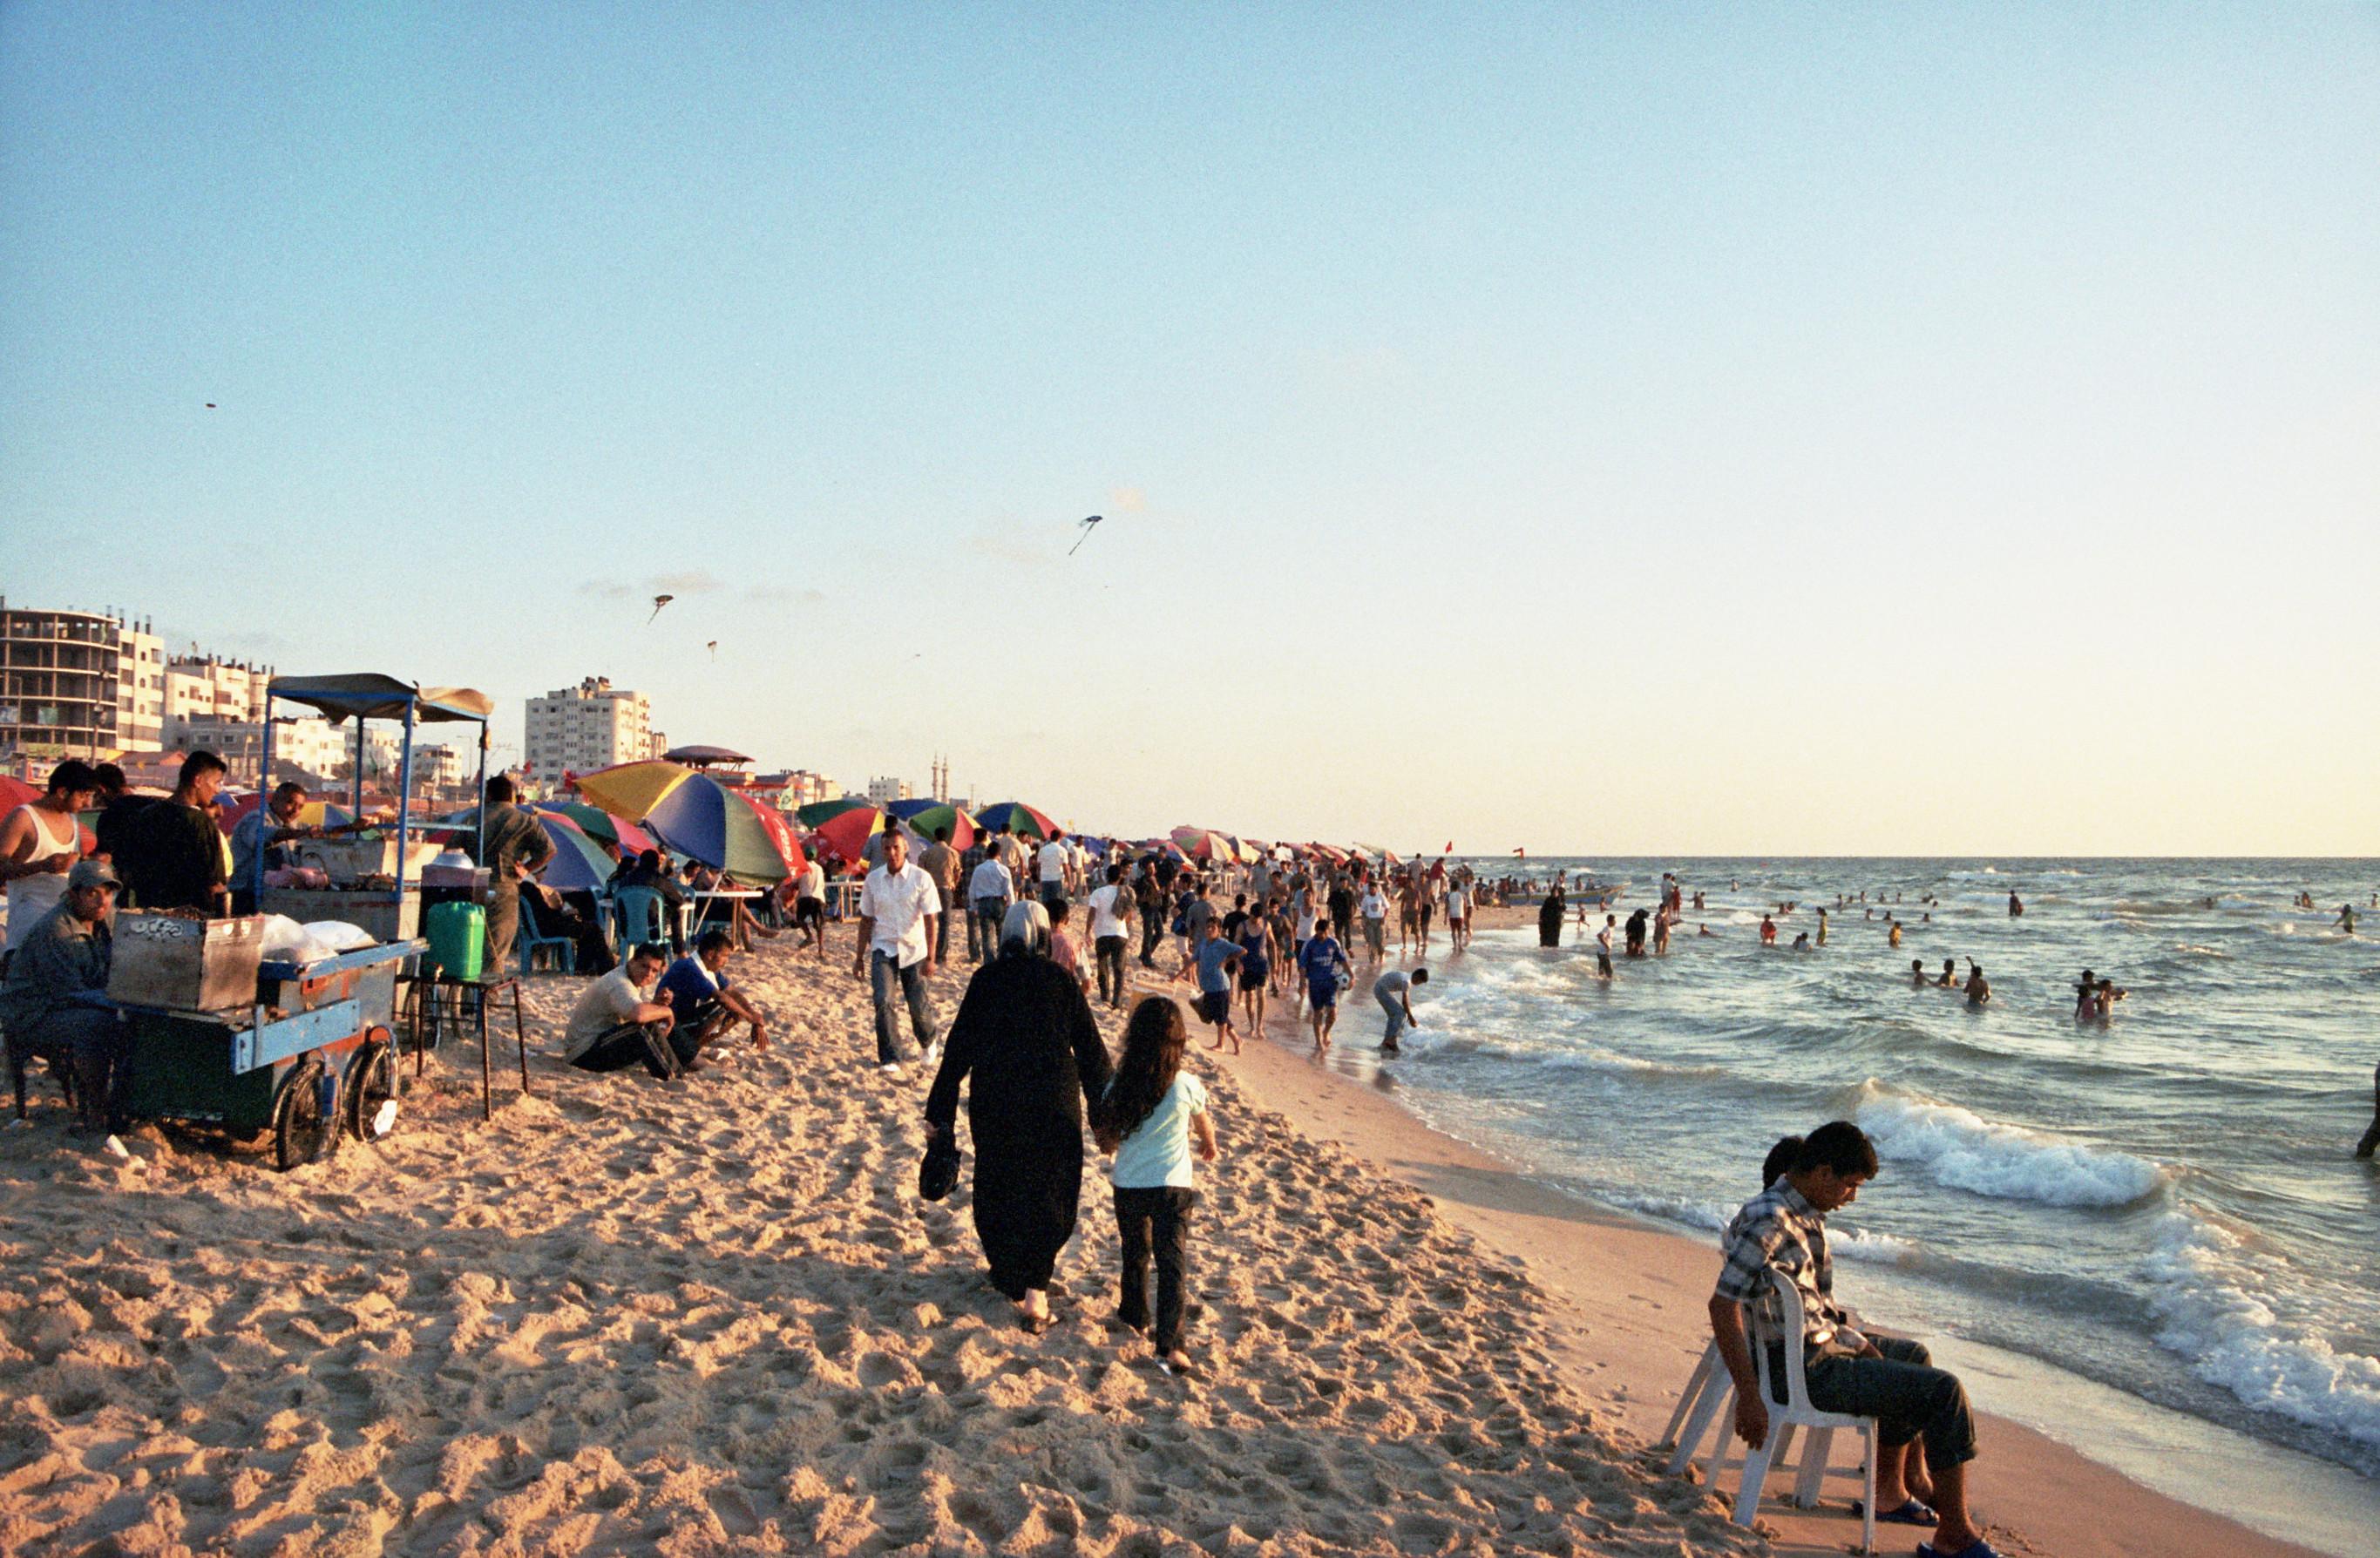 עזה Photo: File:Gaza Beach.jpg